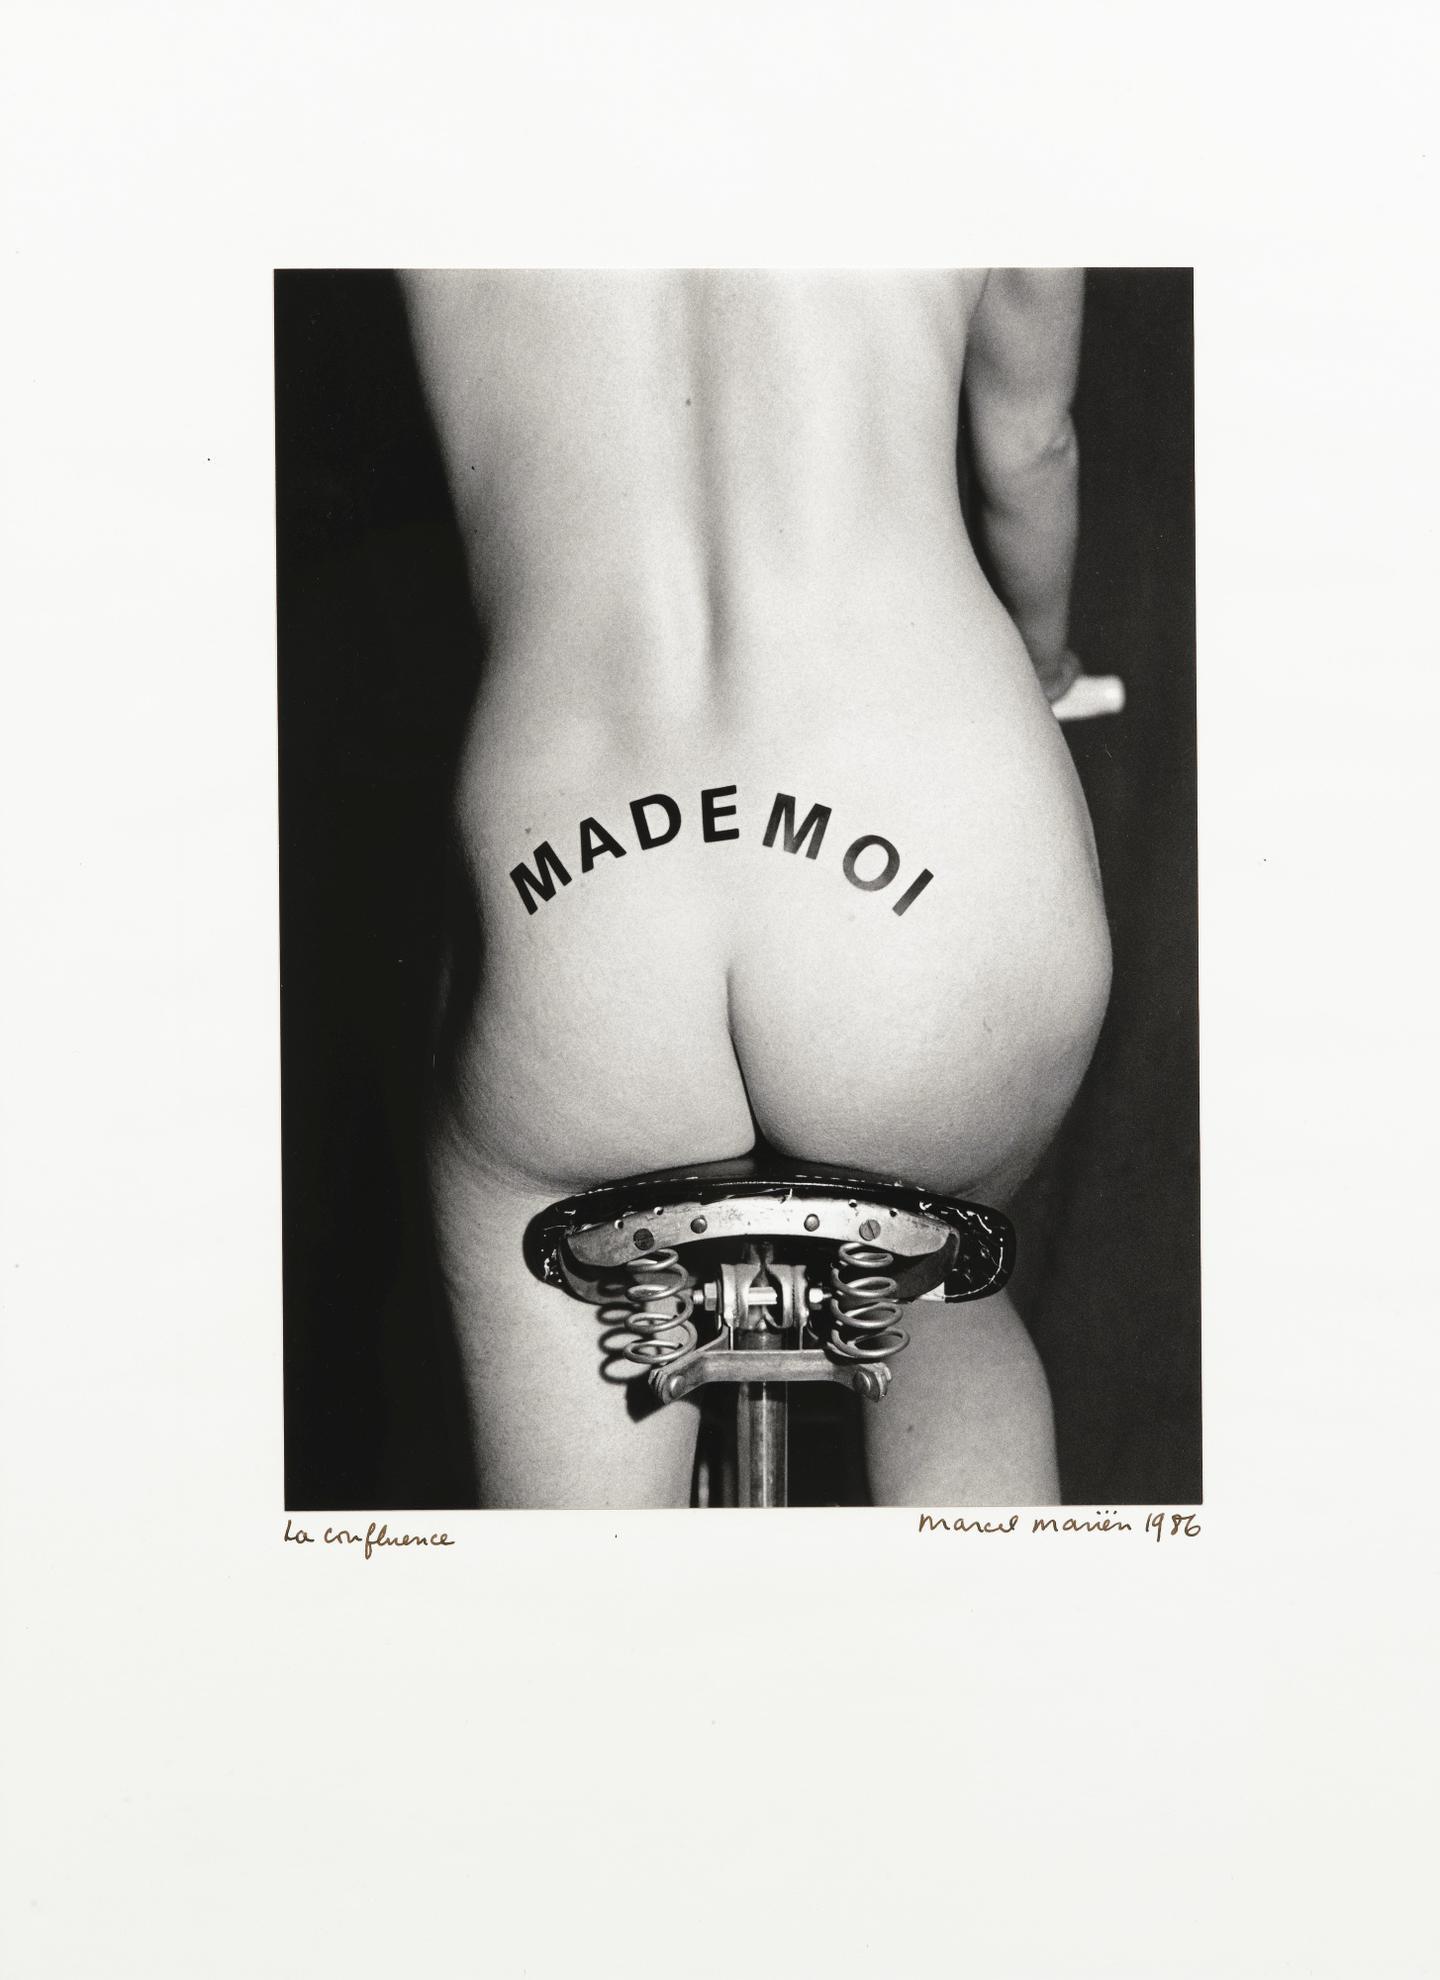 Marcel Marien - La Confluence-1986